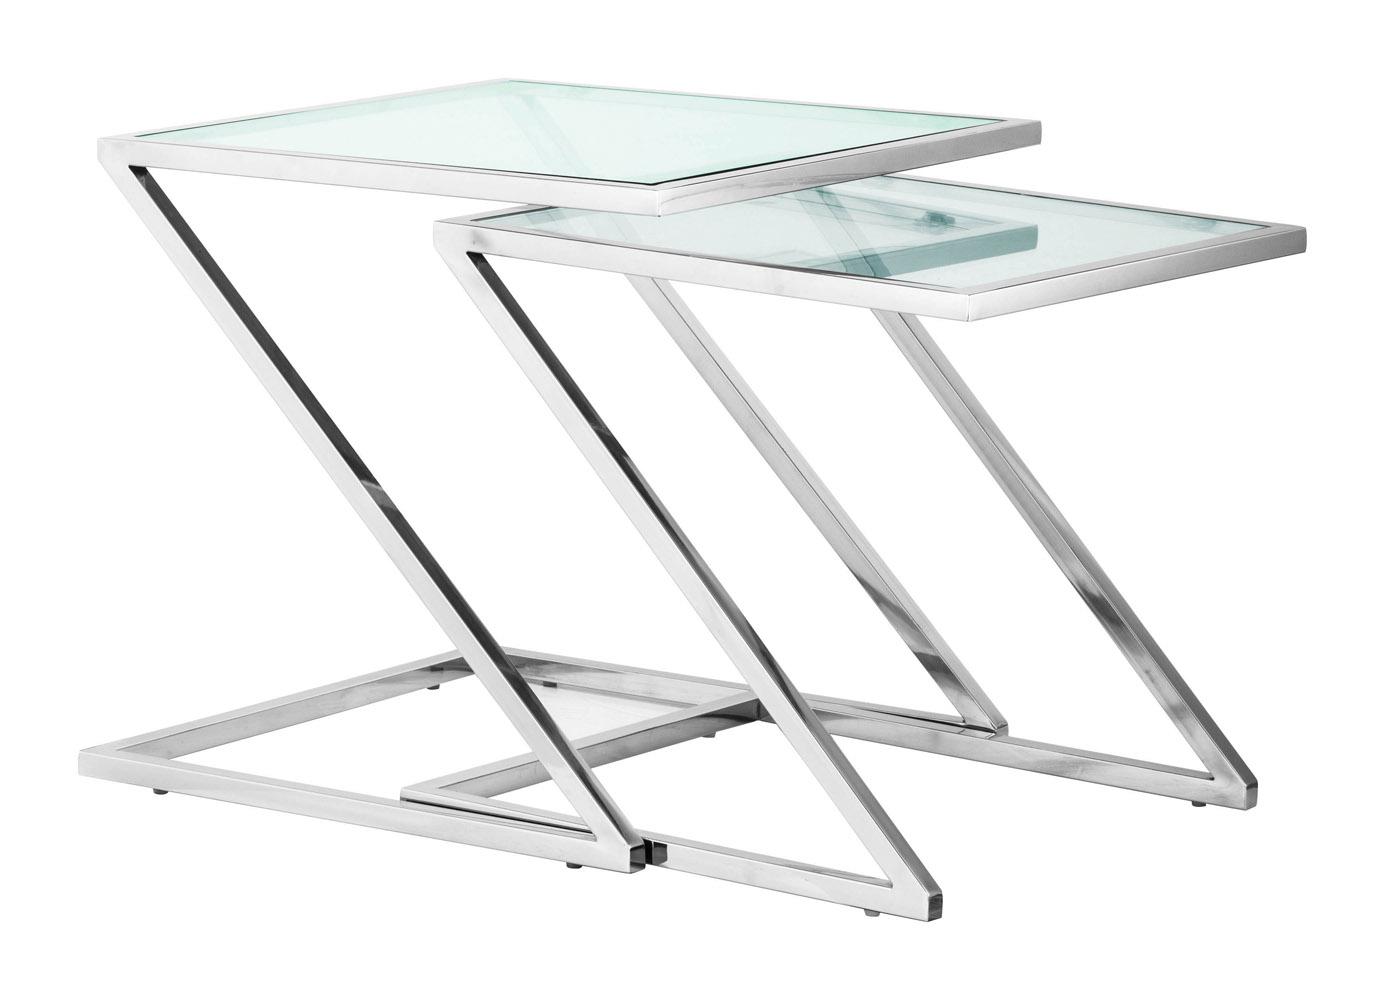 Erin Chromed Steel Nesting Side Table - Clear Glass